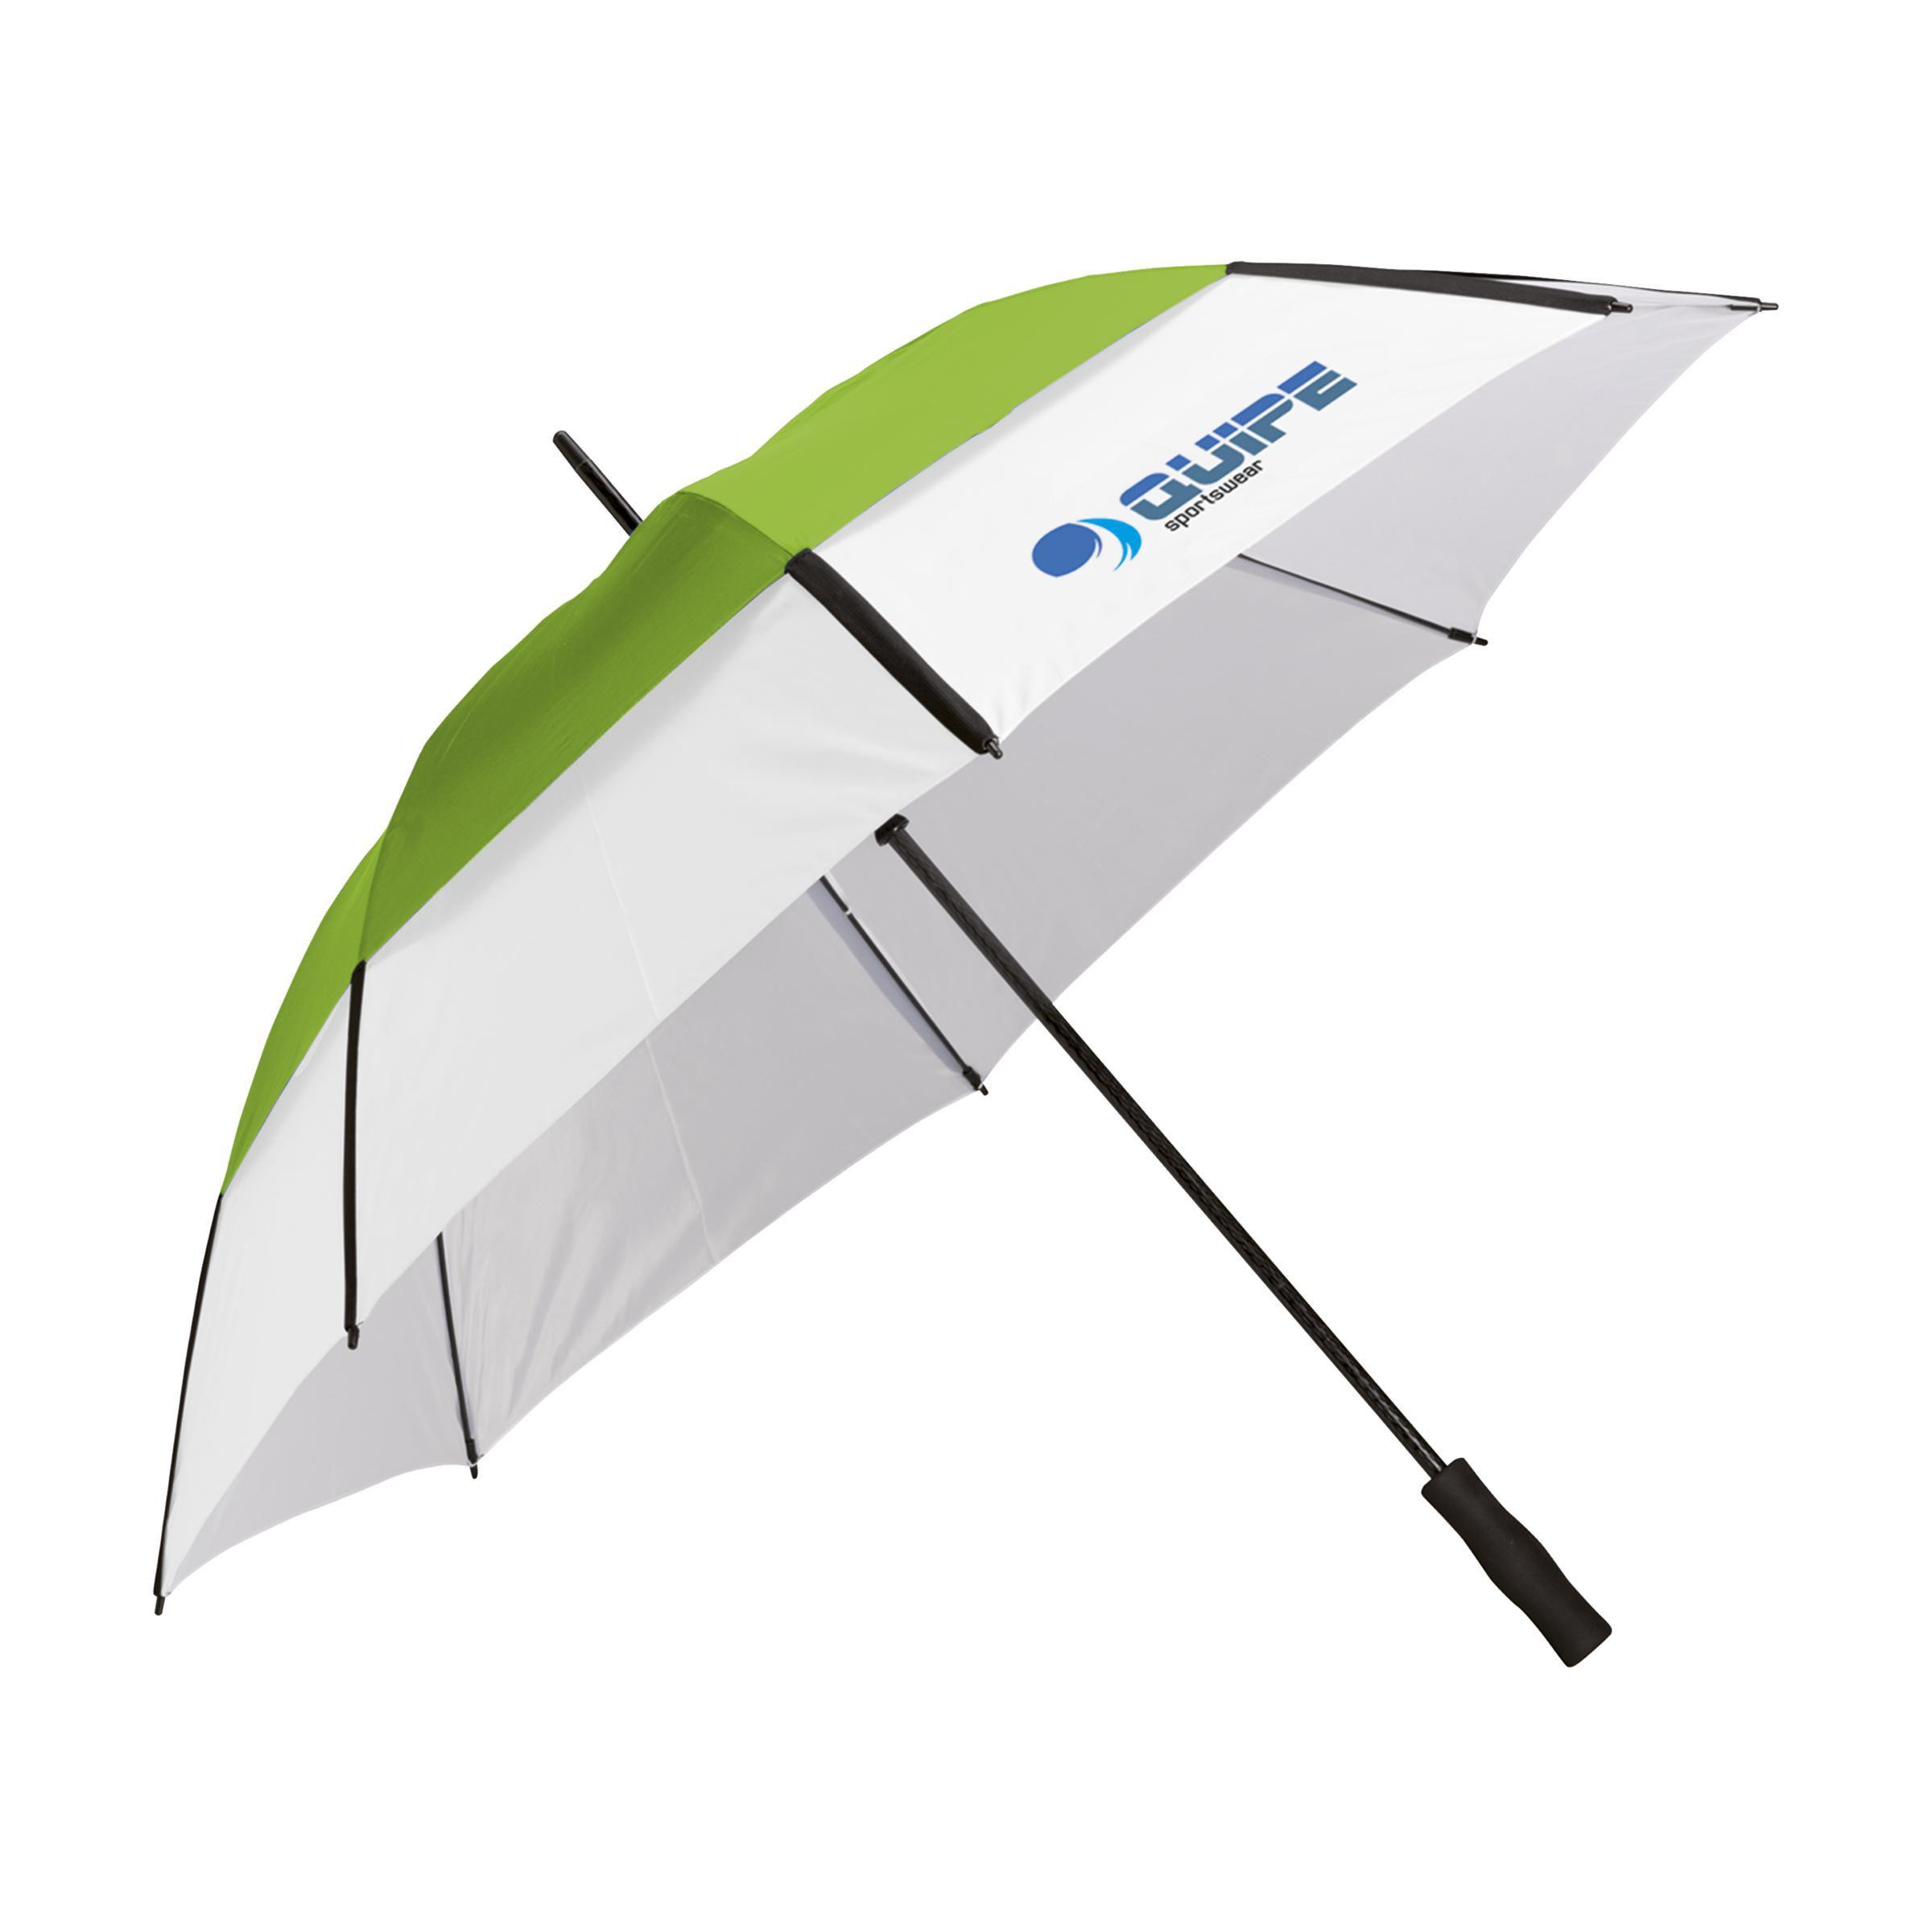 Afbeelding van 25 st. Bedrukte GolfClass paraplu Stormfunctie Ø 130 cm bedrukken bedrukken In 9 werkdagen